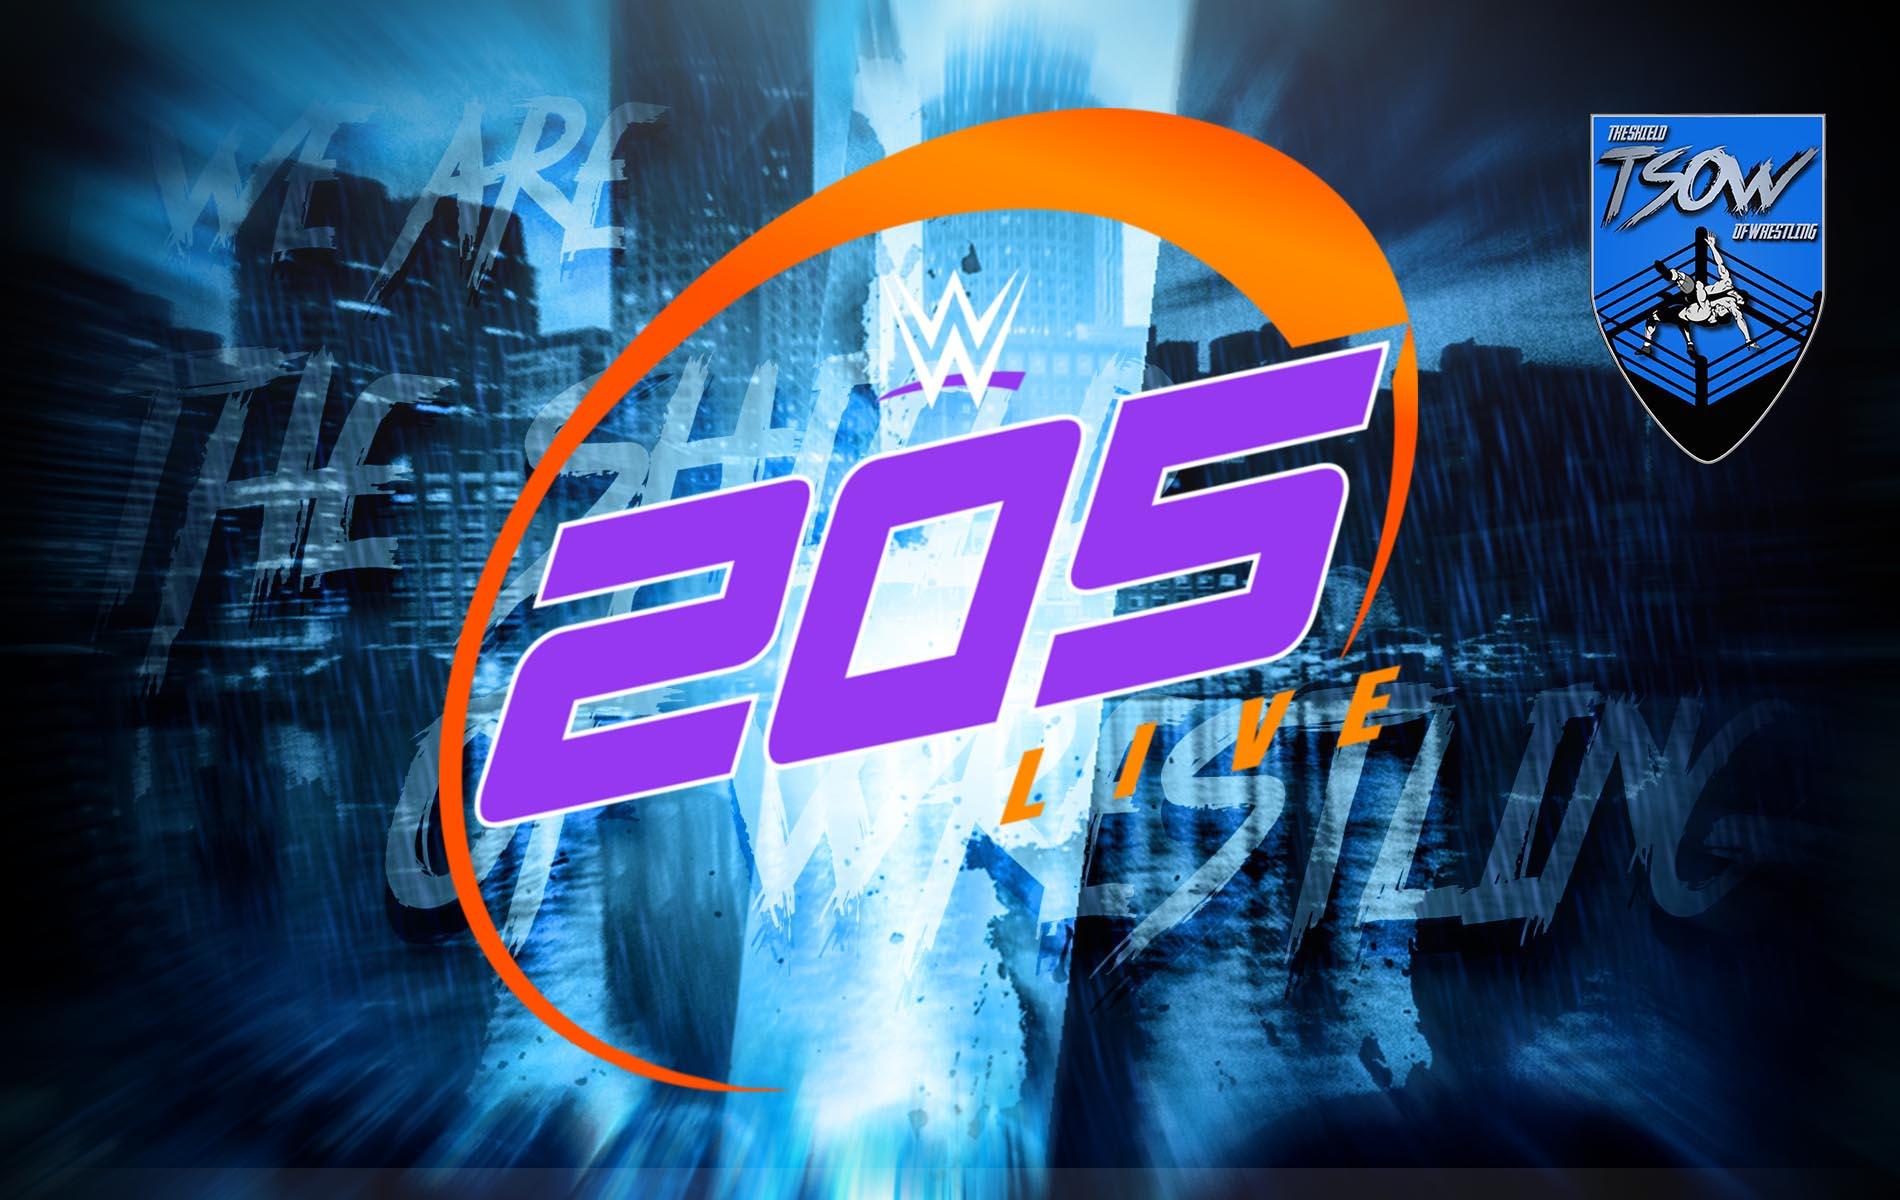 205 Live Risultati 21-05-2021 - WWE